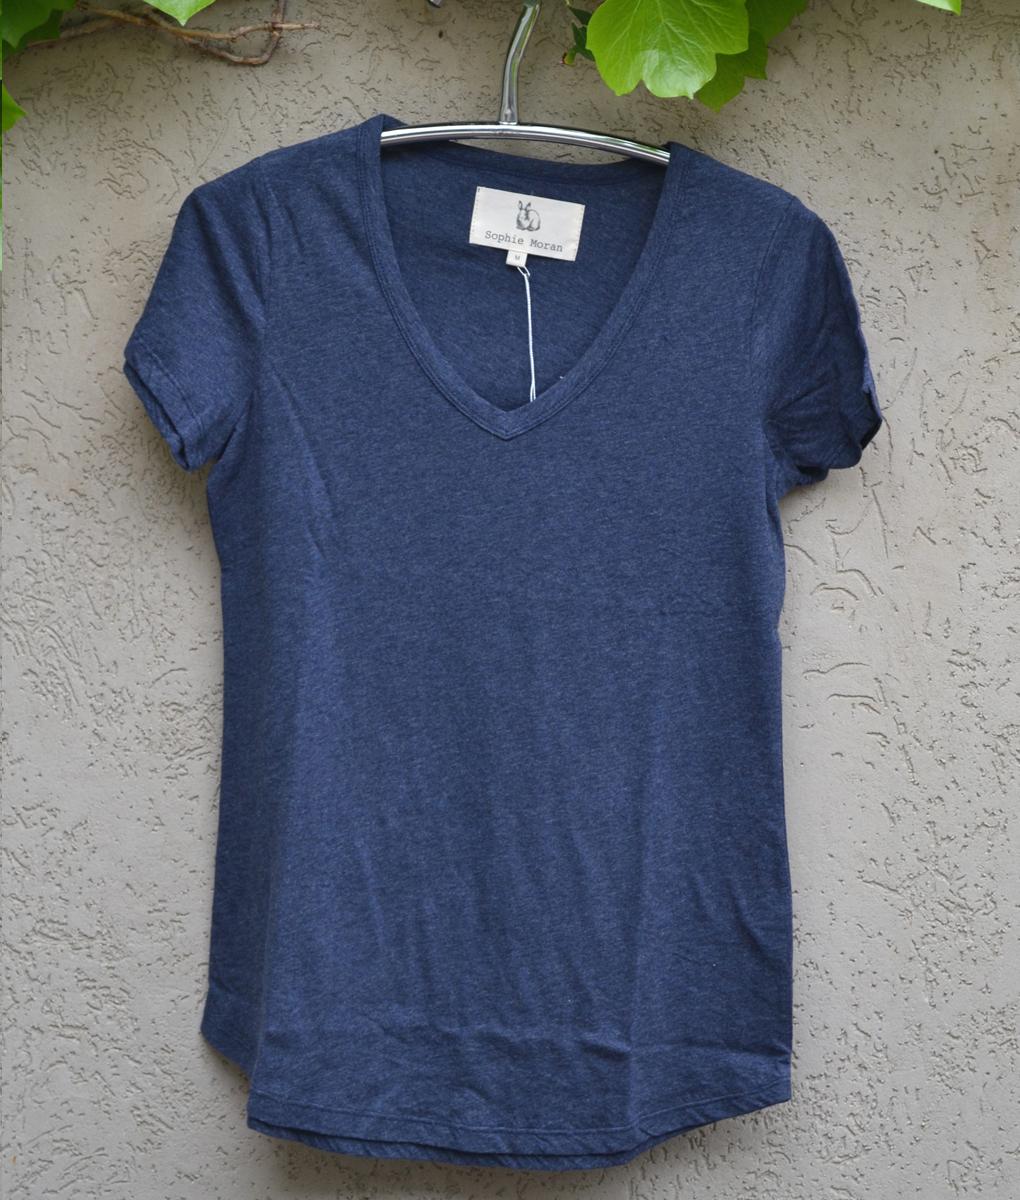 T'shirt plain denim